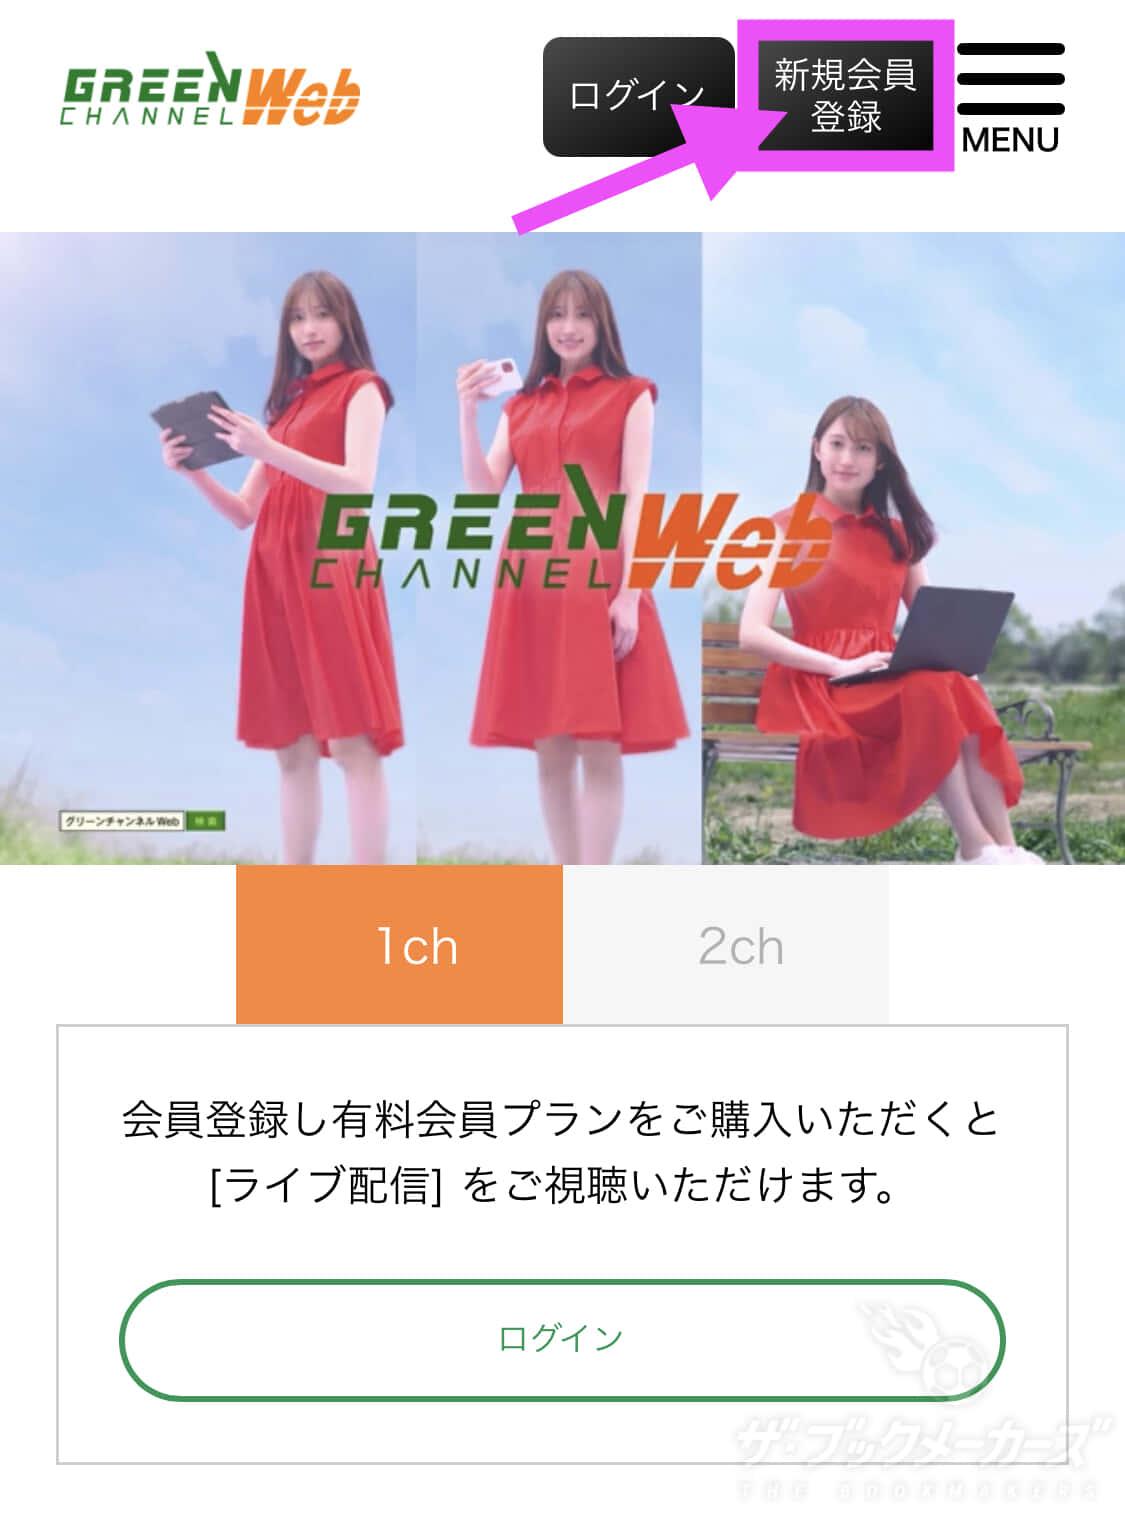 グリーンチャンネルWeb視聴方法